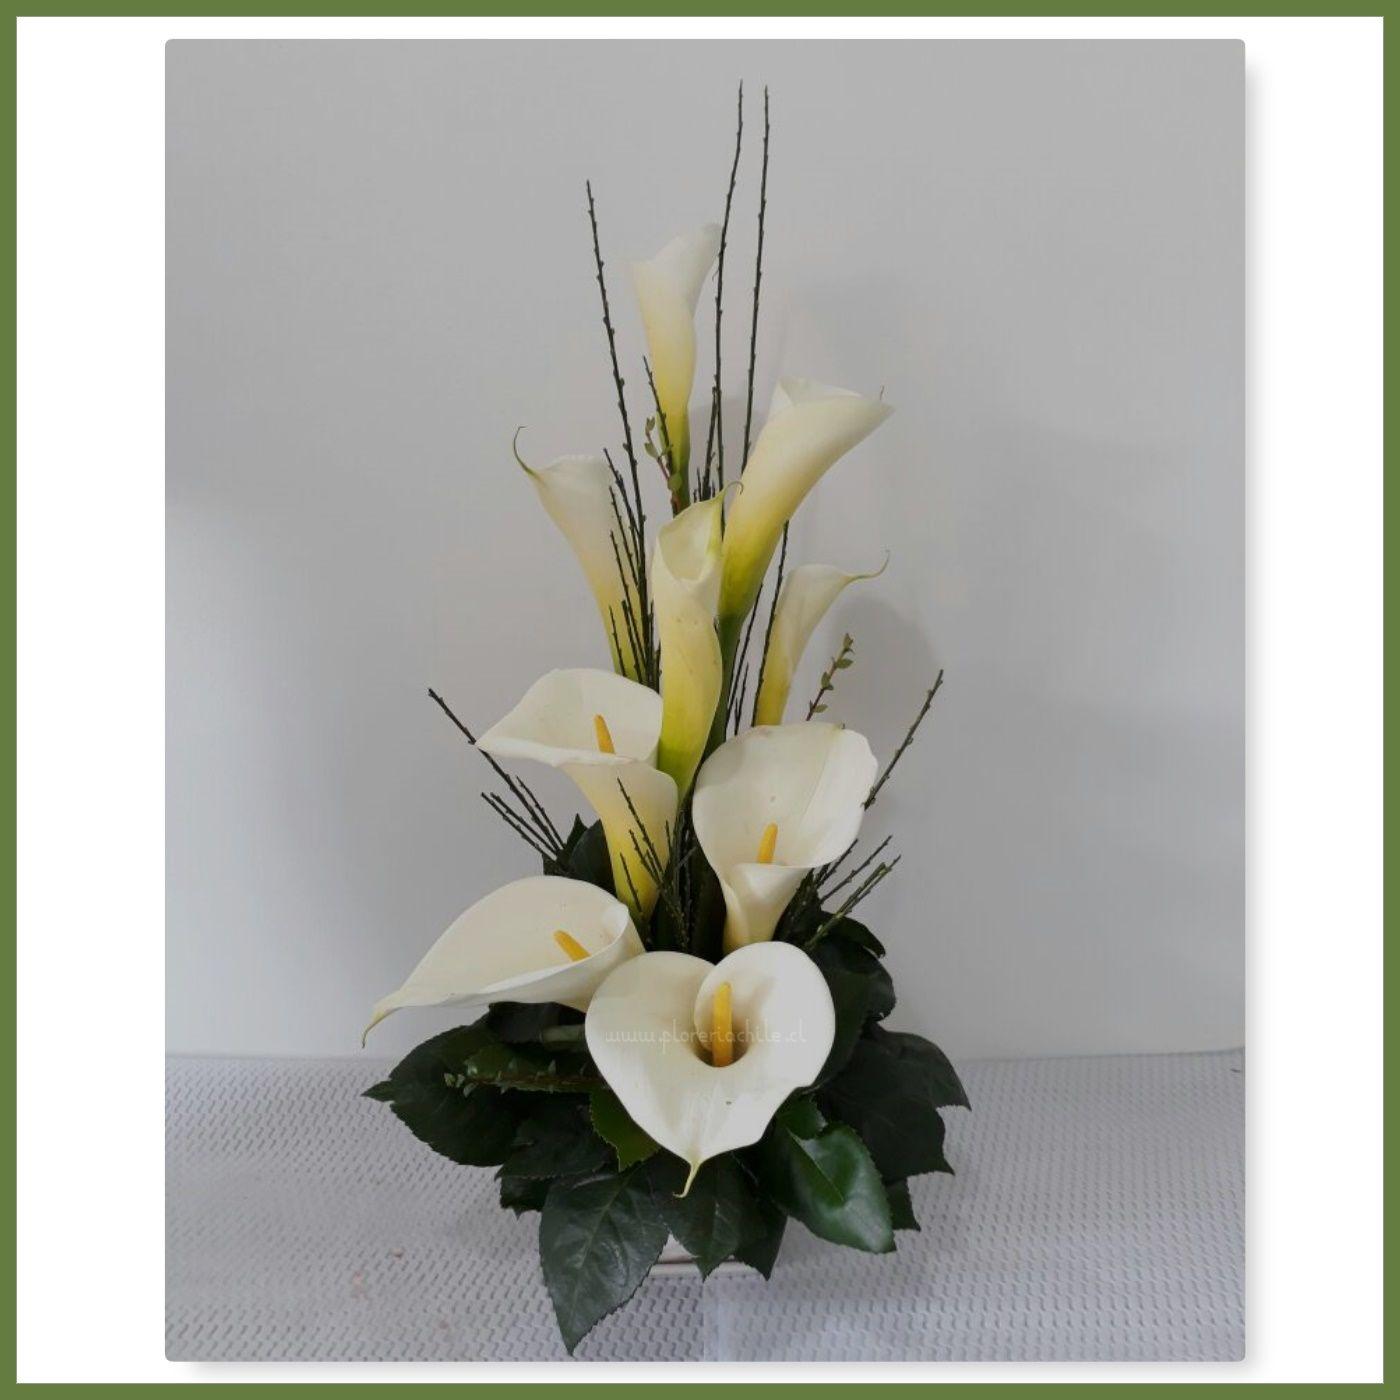 Hermoso Arreglo Floral Con 09 Varas De Calas Finamente